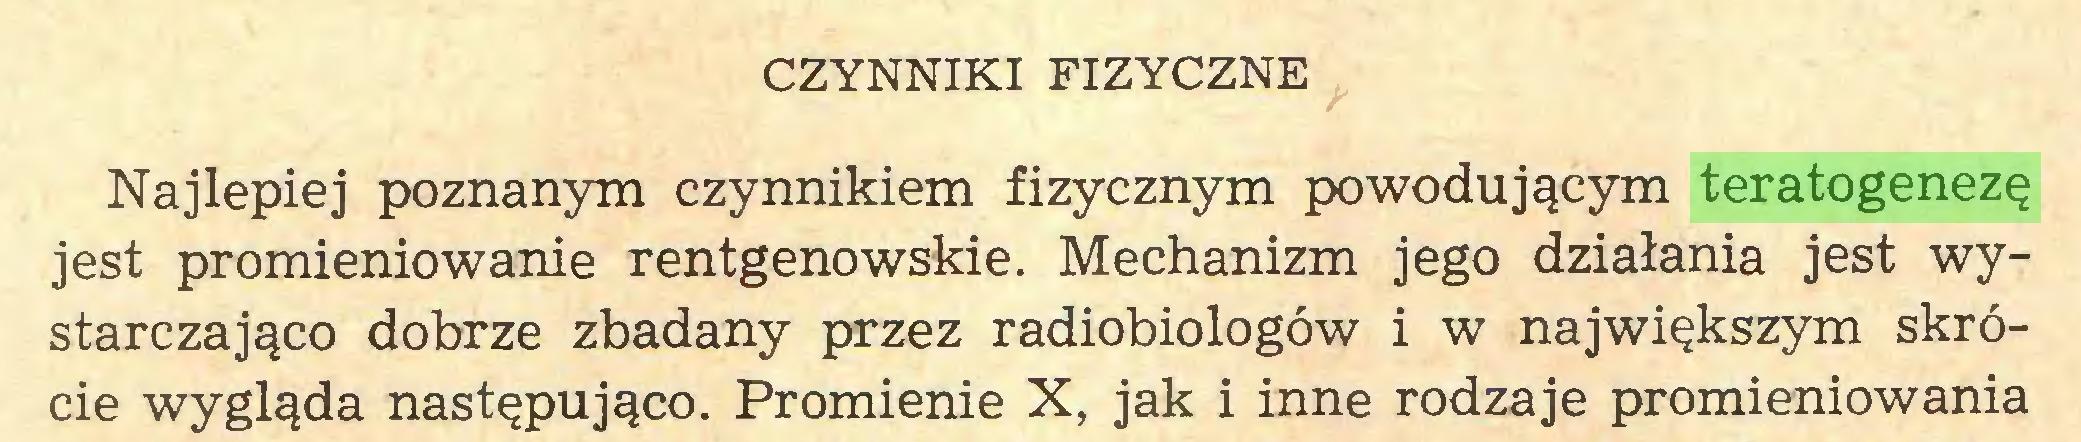 (...) CZYNNIKI FIZYCZNE Najlepiej poznanym czynnikiem fizycznym powodującym teratogenezę jest promieniowanie rentgenowskie. Mechanizm jego działania jest wystarczająco dobrze zbadany przez radiobiologów i w największym skrócie wygląda następująco. Promienie X, jak i inne rodzaje promieniowania...